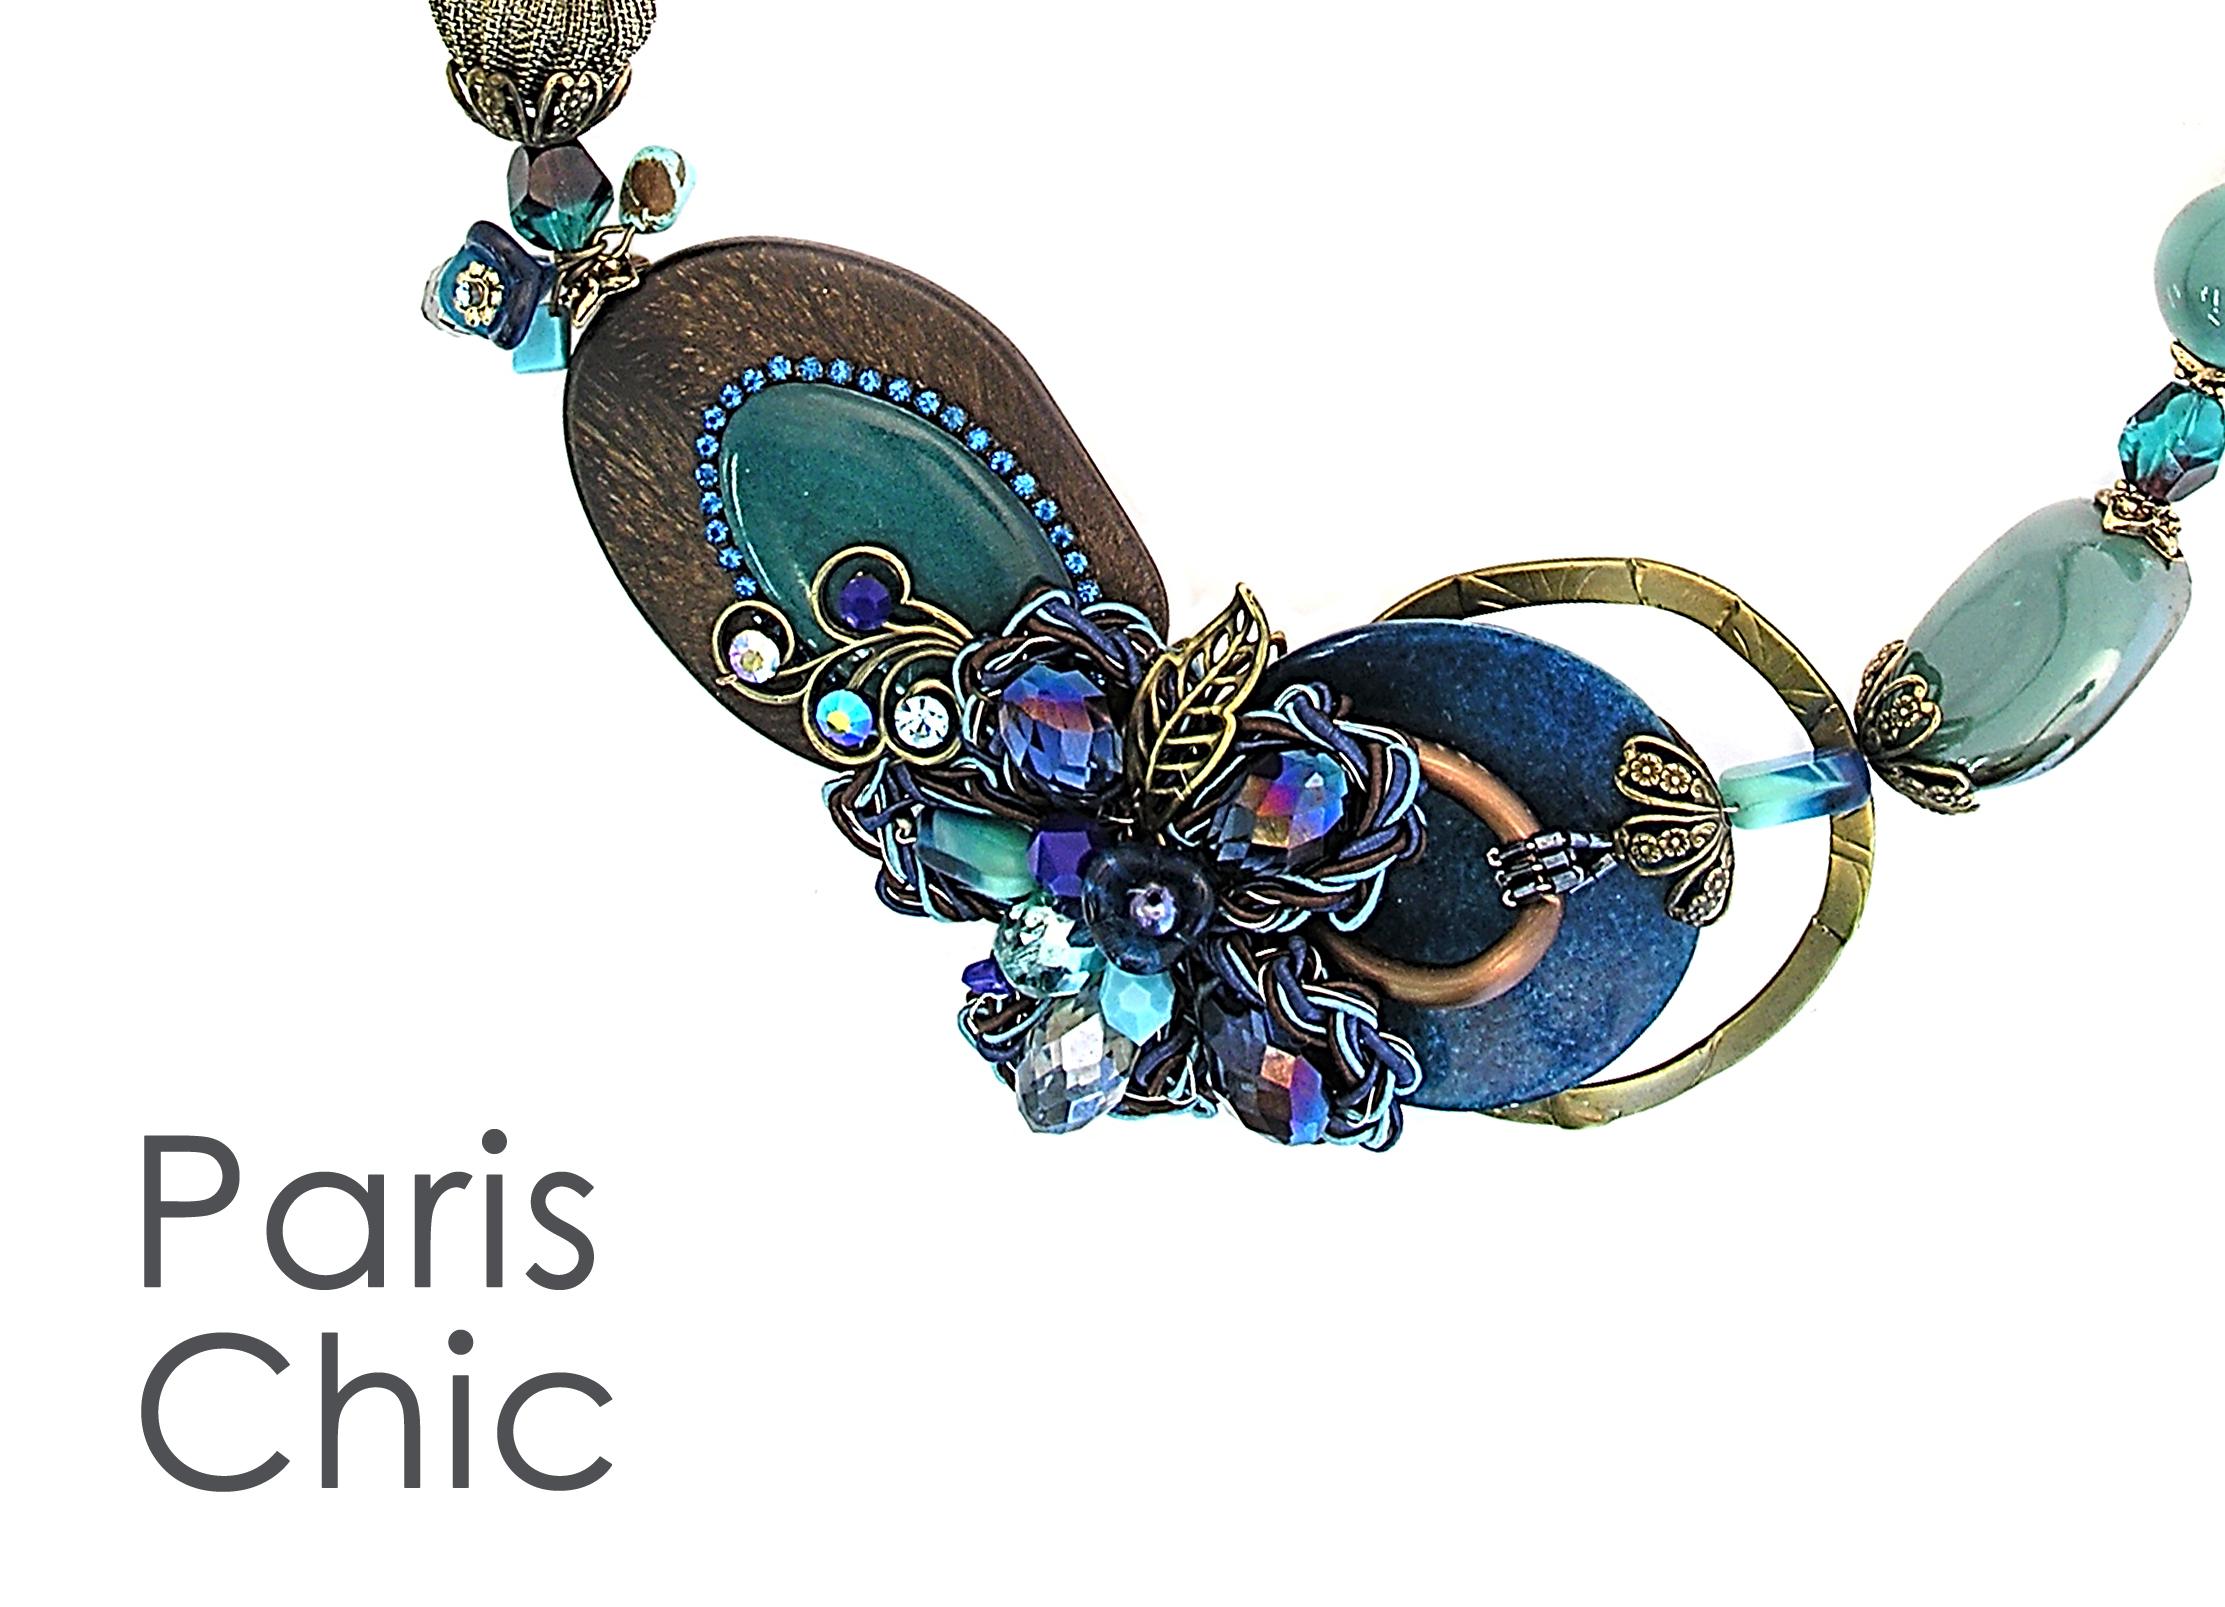 Paris Chic Collection